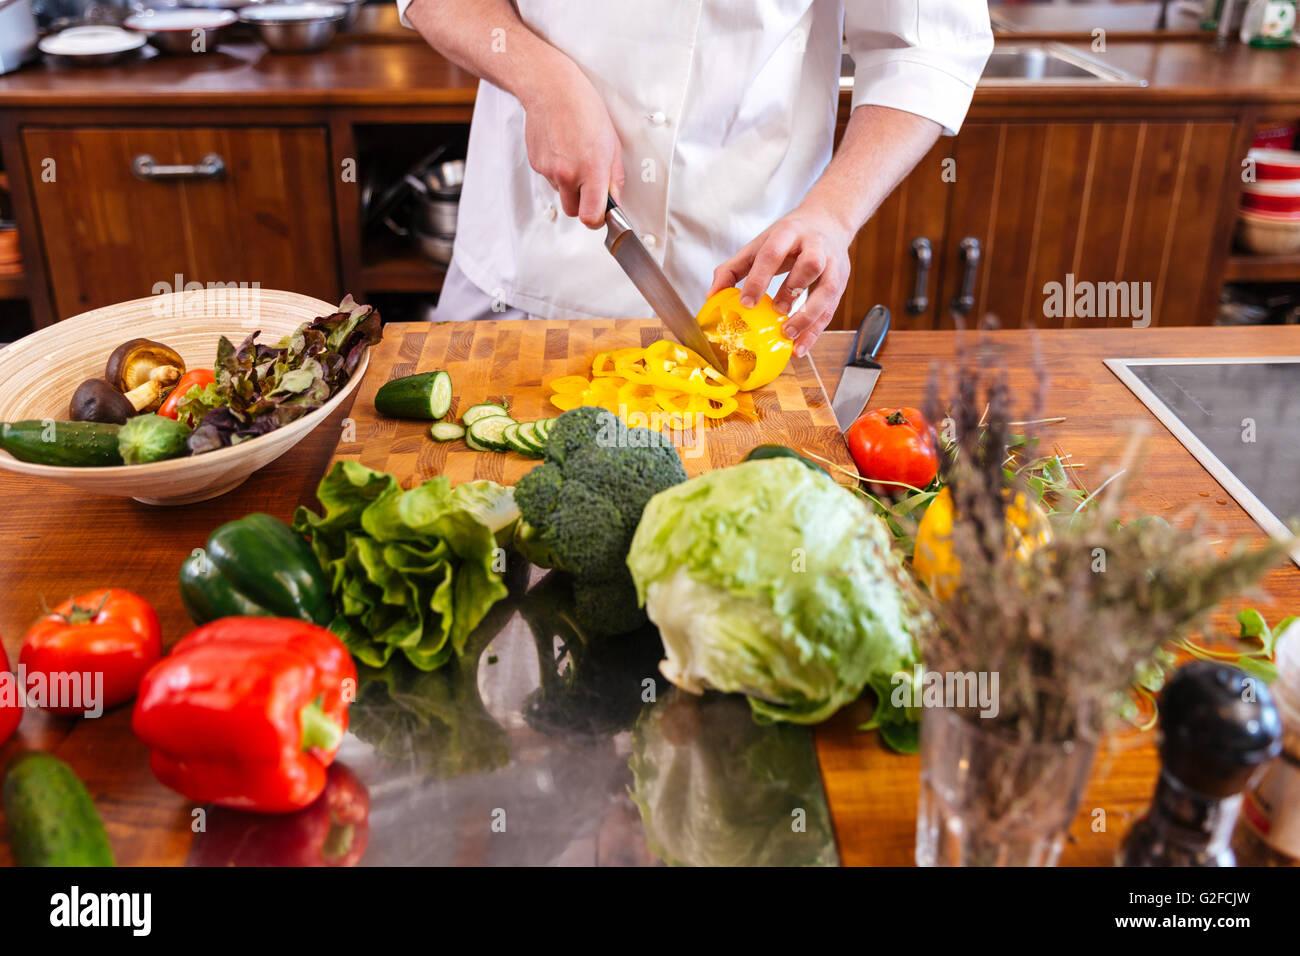 Nahaufnahme von Chef-Koch stehen und machen Salat auf dem Küchentisch Stockbild